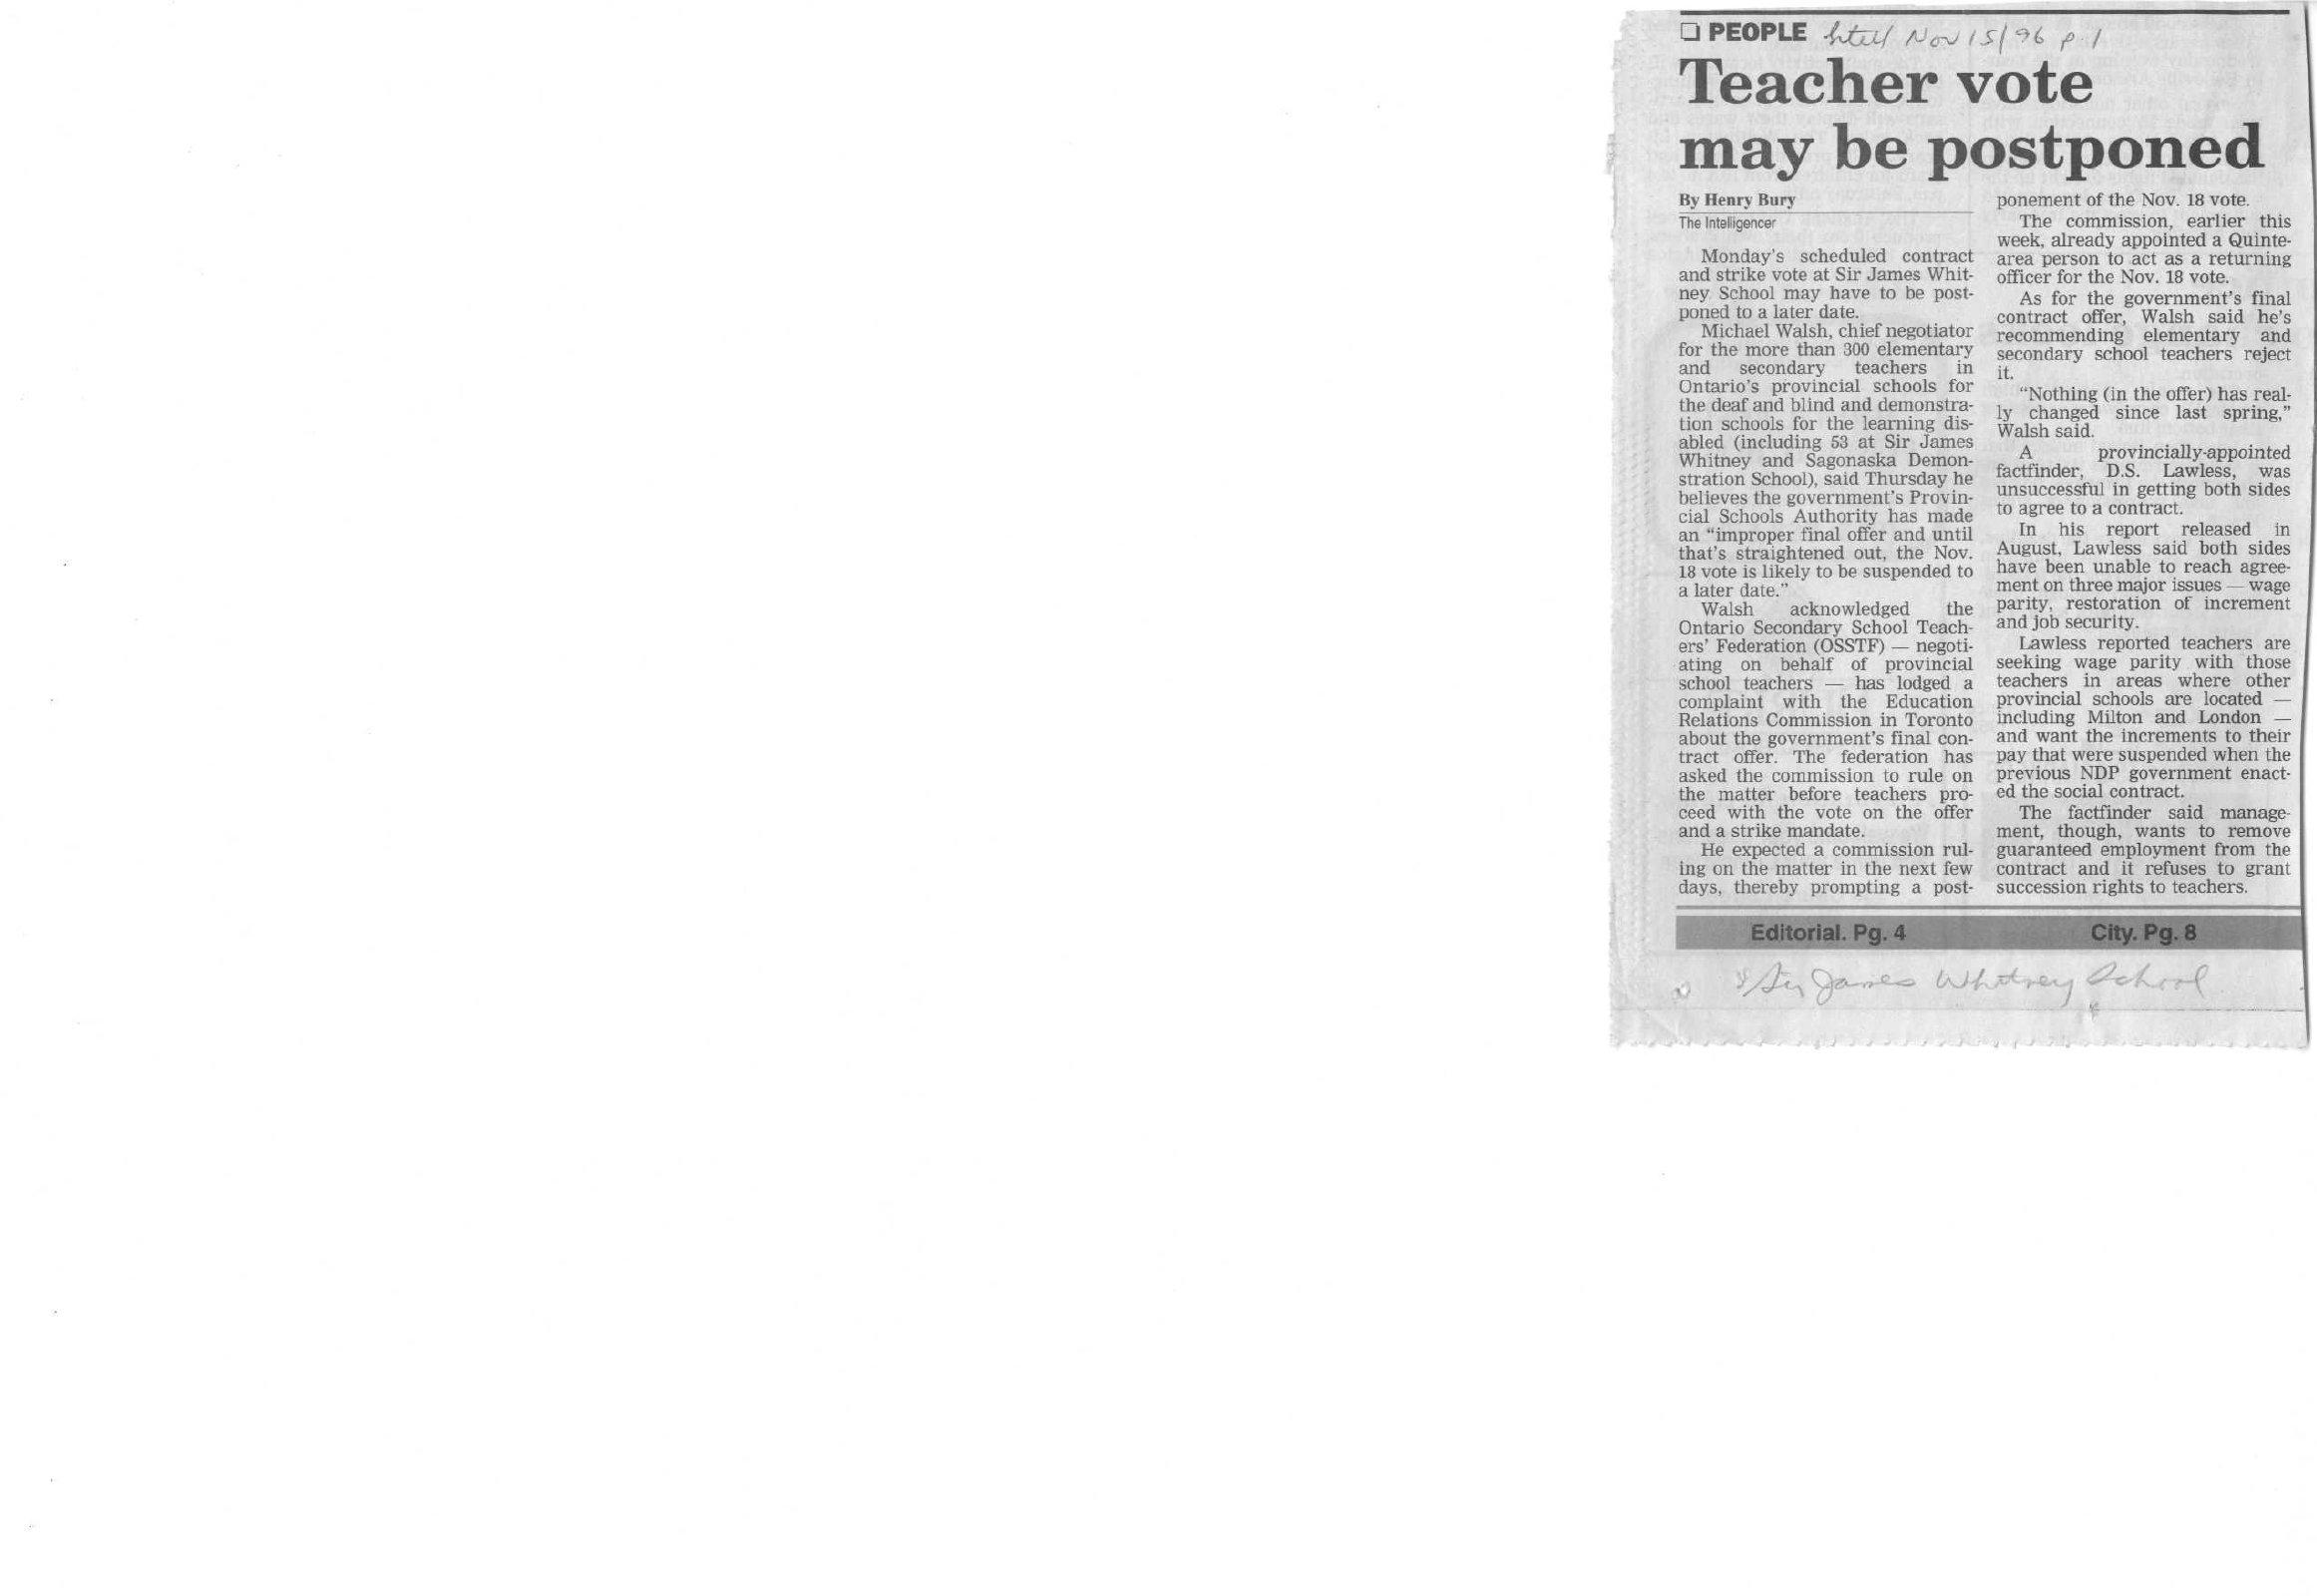 Teacher vote may be postponed